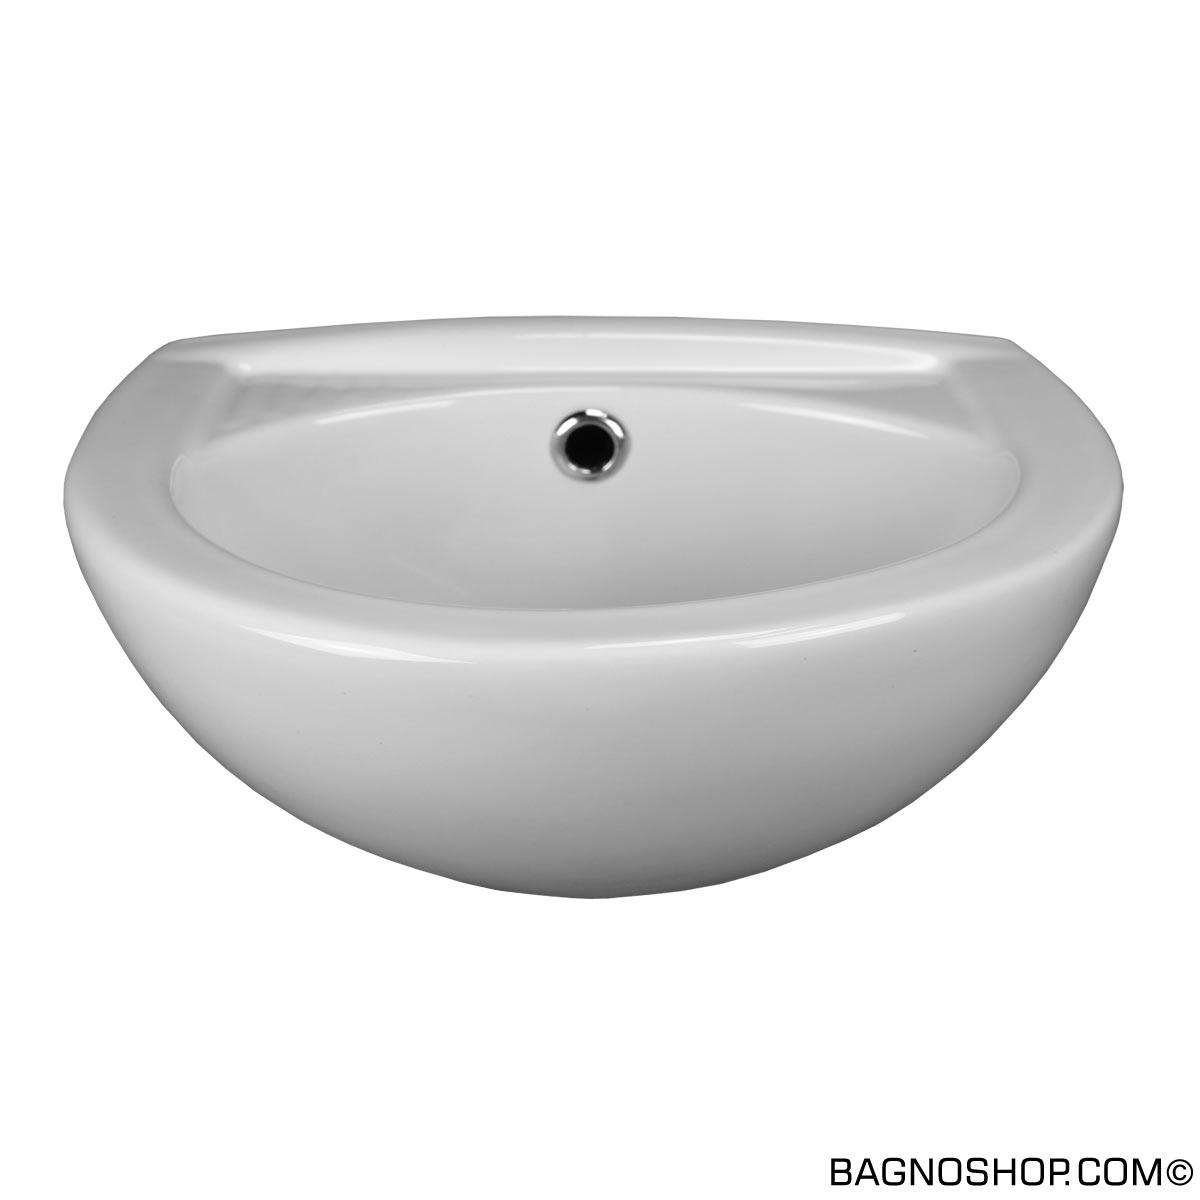 lavabi vendita online - Misure Lavandino Bagno